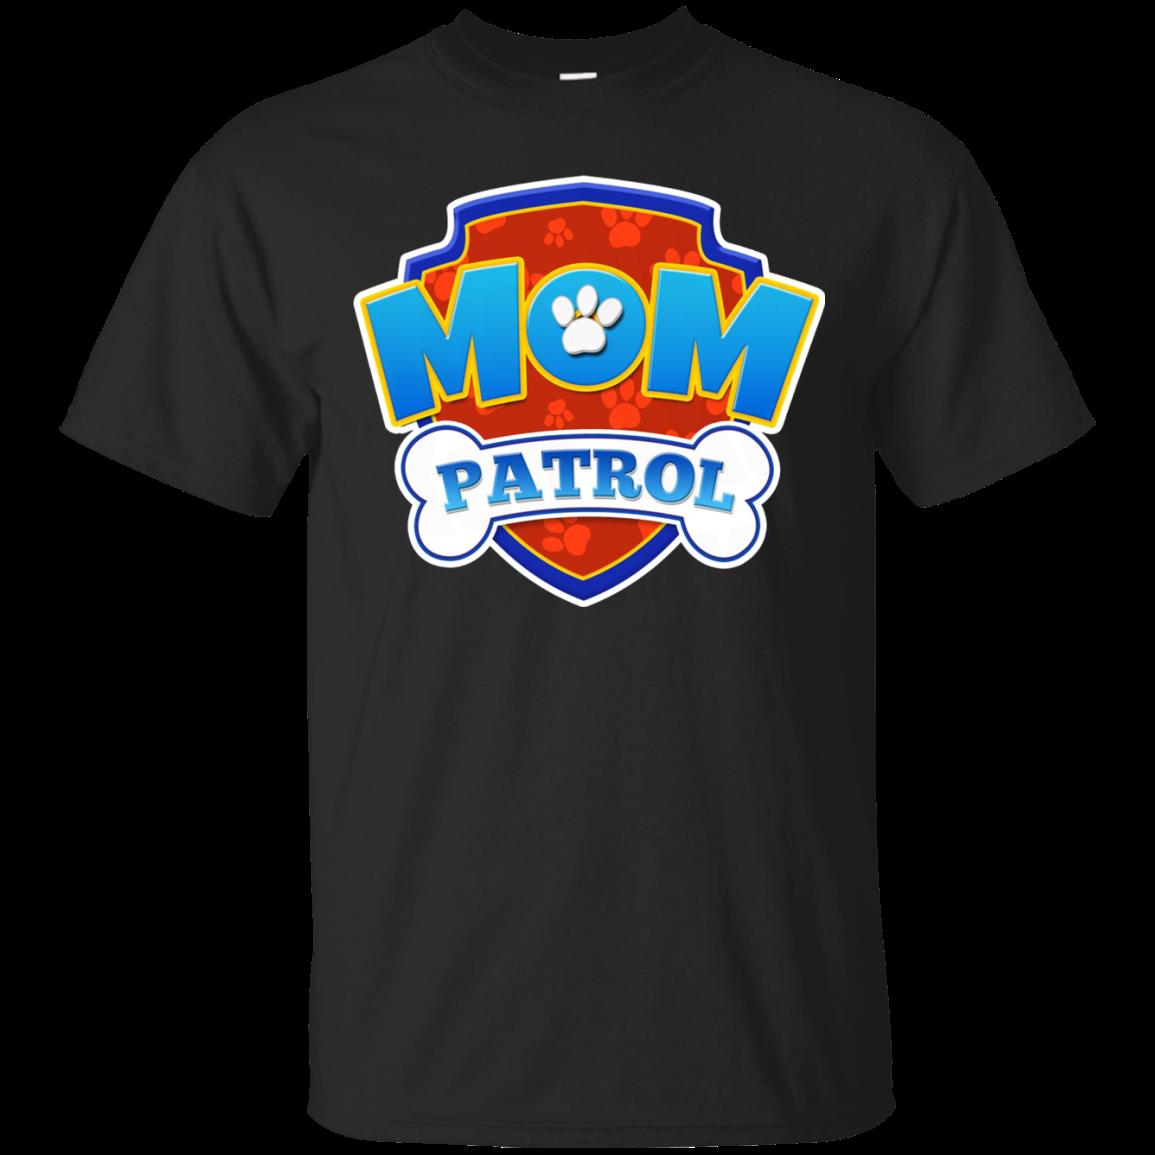 65a821a7 Mom patrol shirt, hoodie, tank | Allbluetees.com